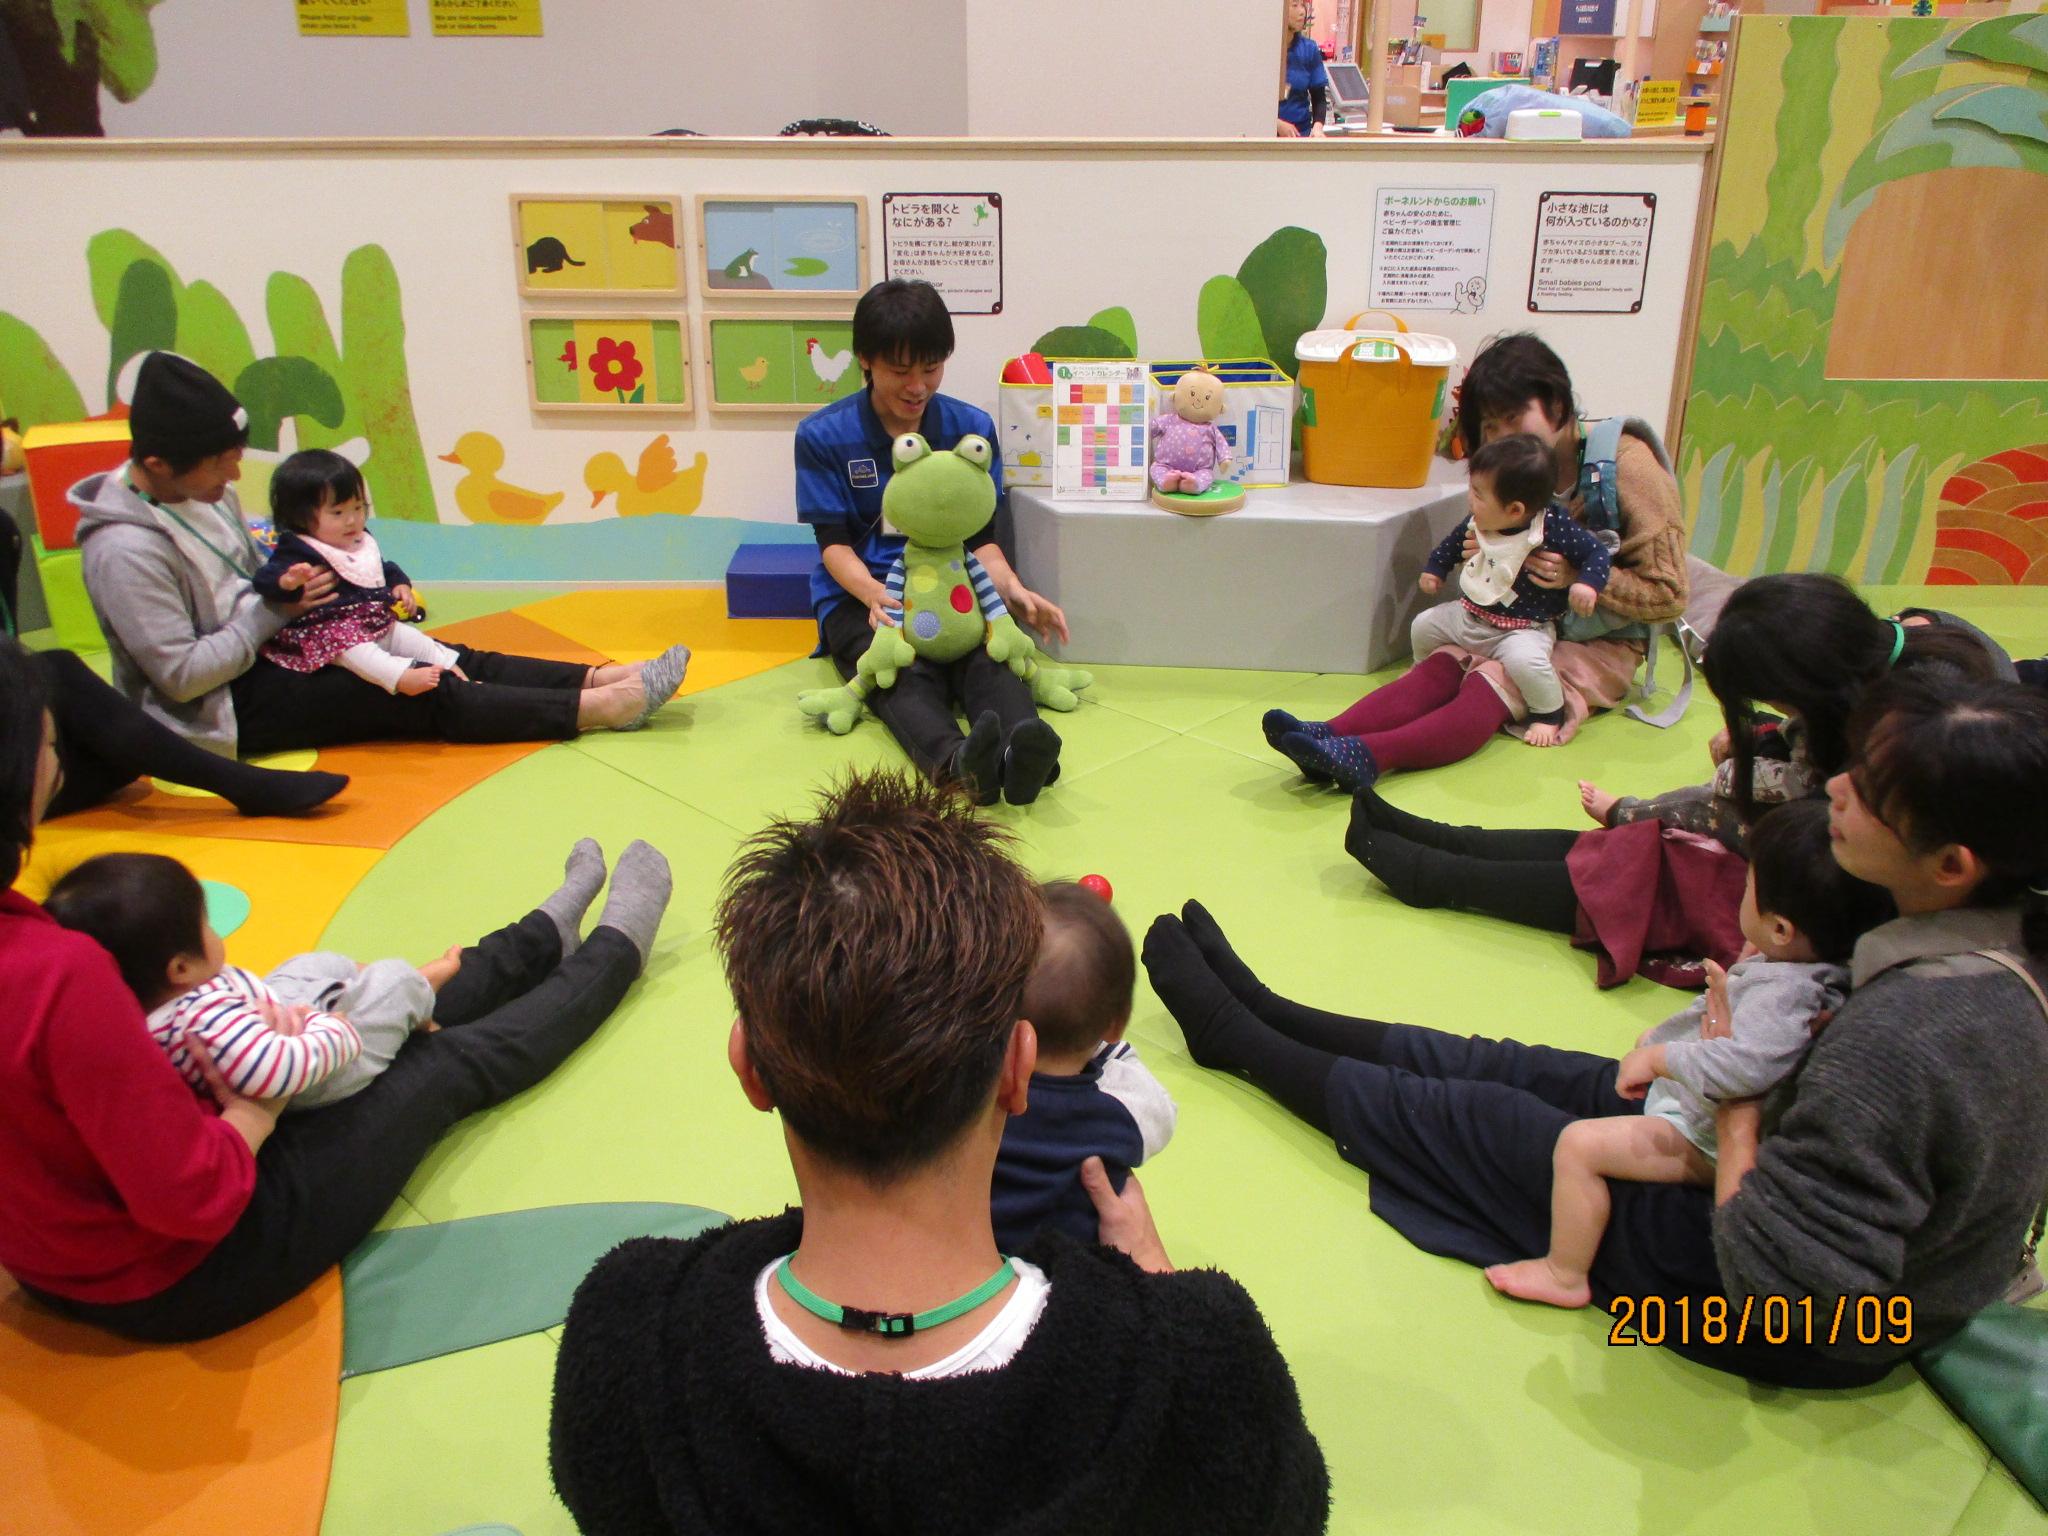 1月9日(火) 赤ちゃんの日イベント「ママと一緒に初めてのキドキド探検に出発!」を行いました!